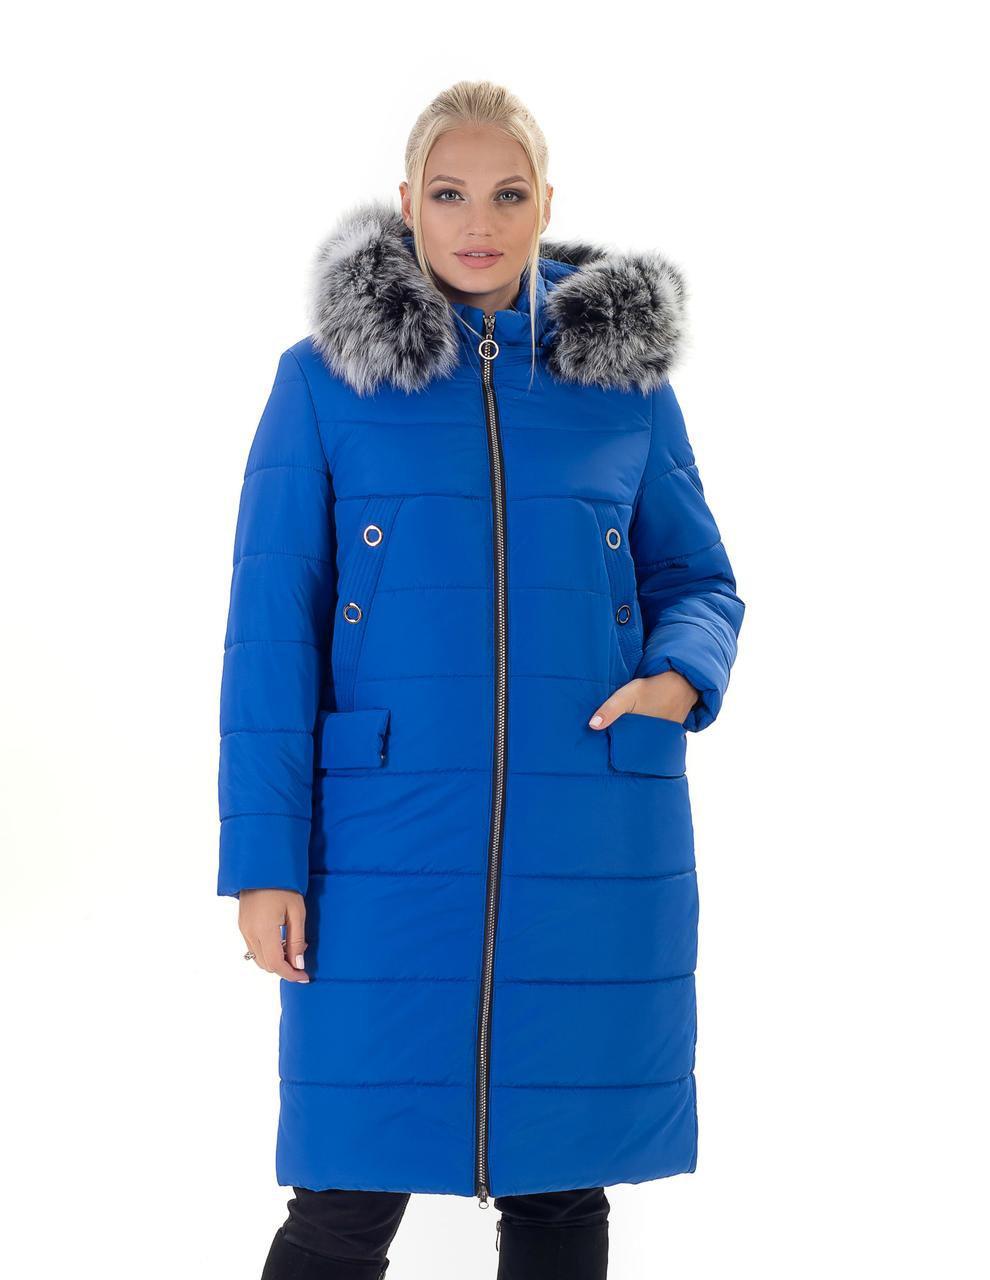 Женский зимний пуховик / куртка с мехом большихразмеров размер 44 46 48 50 52 54 56 58 60